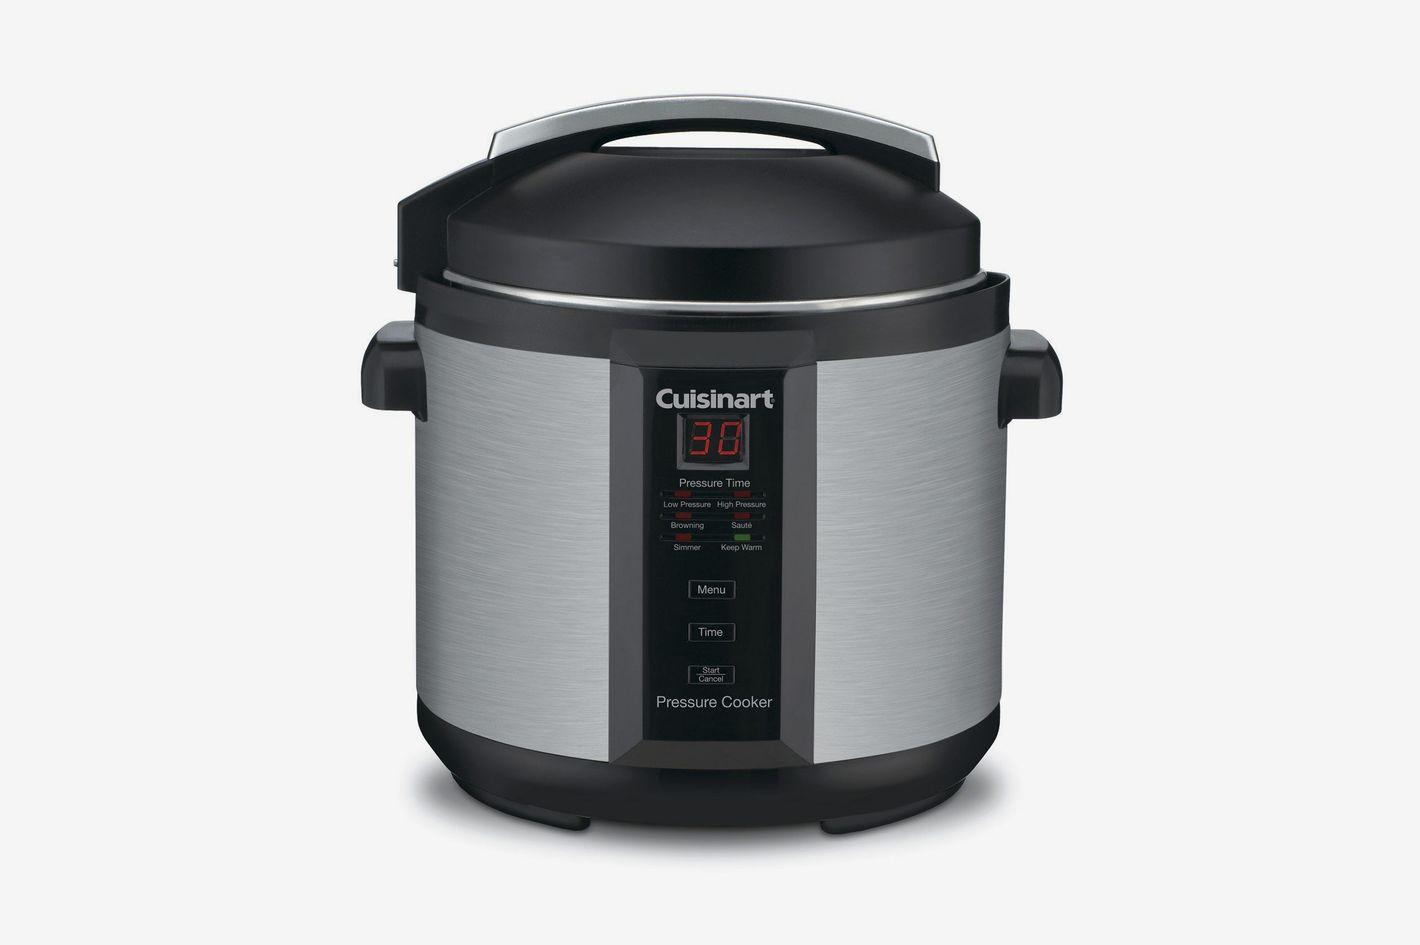 Cuisinart CPC-600AMZ 1000-Watt 6-Quart Electric Pressure Cooker